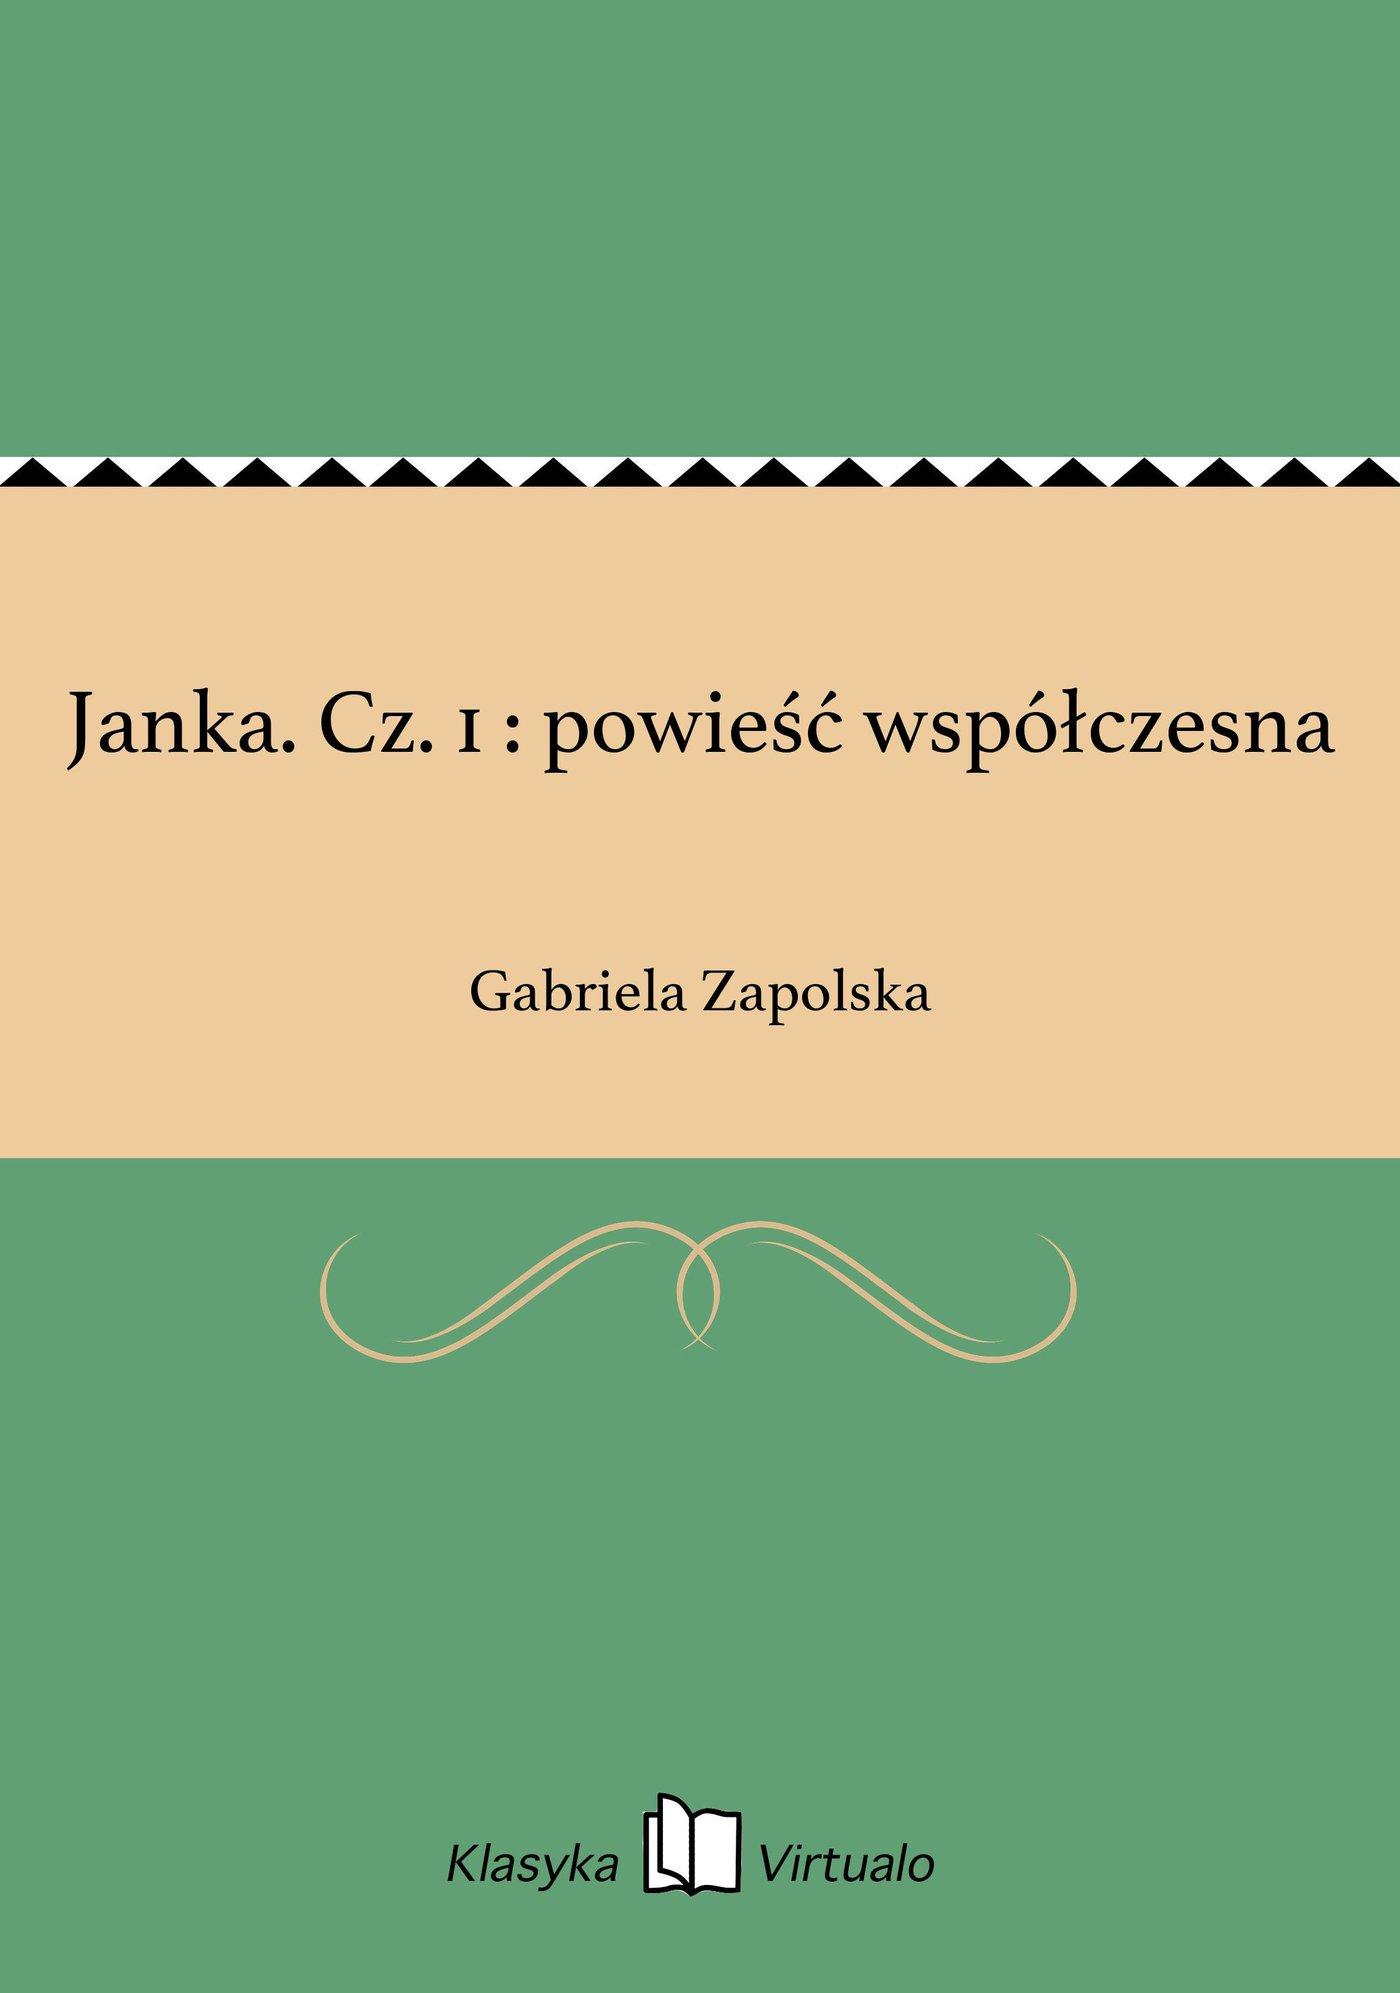 Janka. Cz. 1 : powieść współczesna - Ebook (Książka EPUB) do pobrania w formacie EPUB